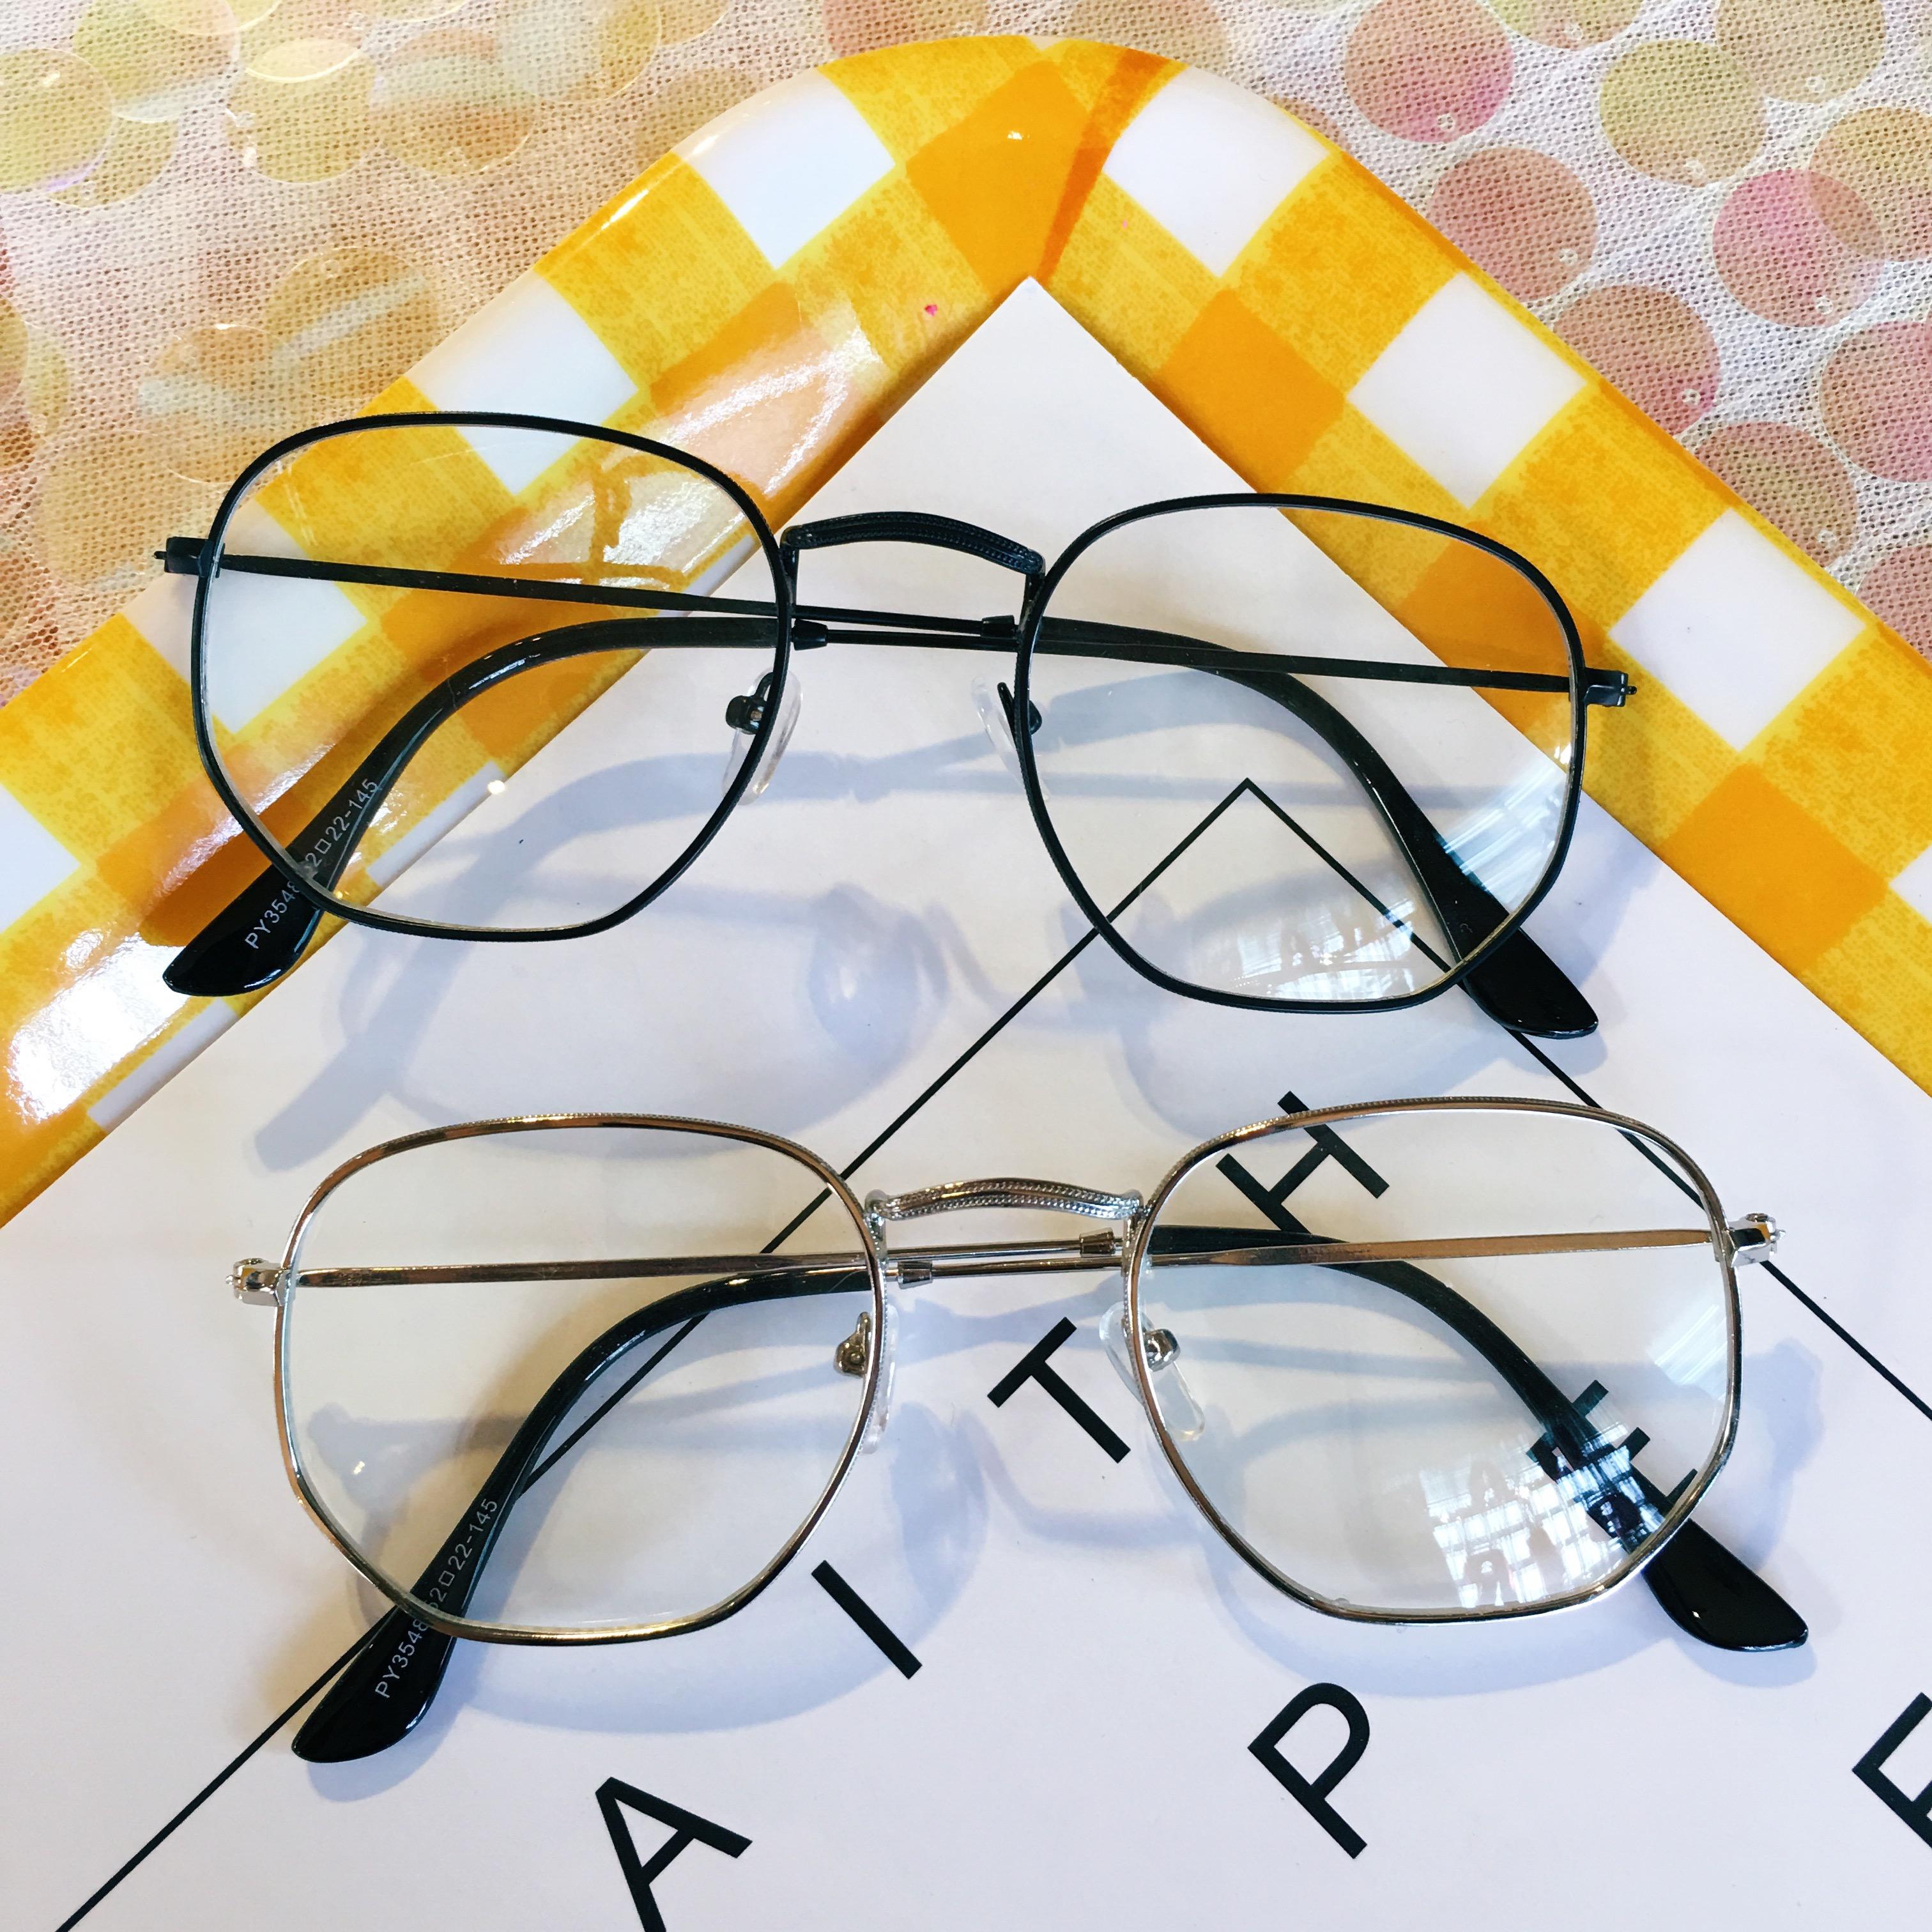 包邮韩版眼镜个性男女款文艺复古多边形眼镜框架细框全框不规则